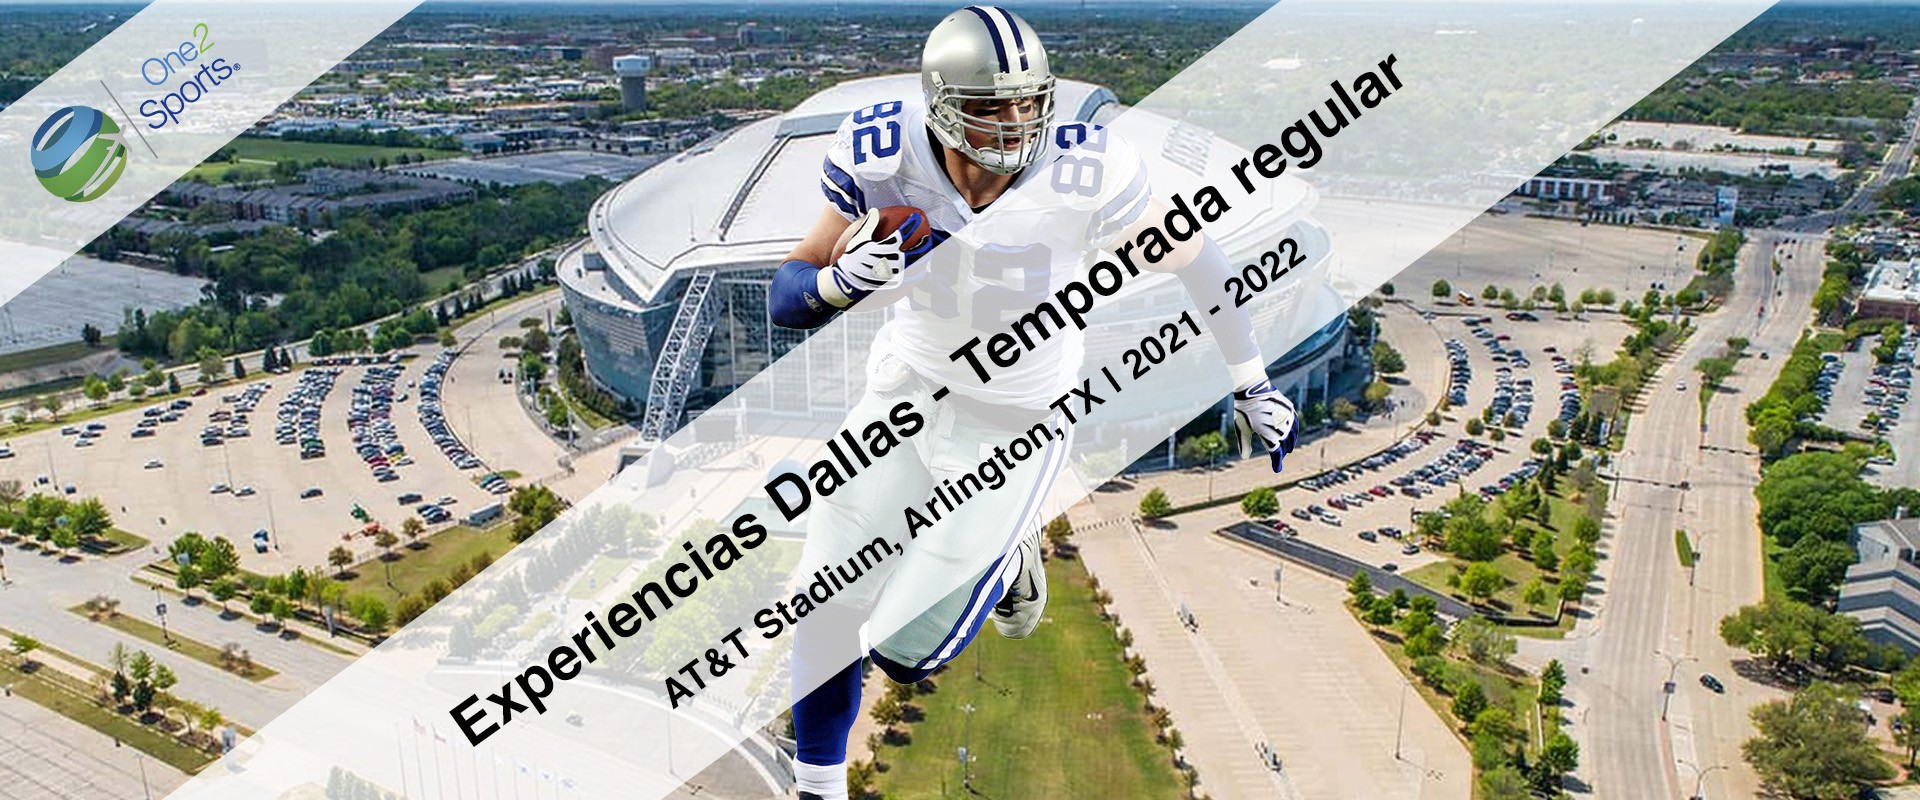 Calendario Dallas